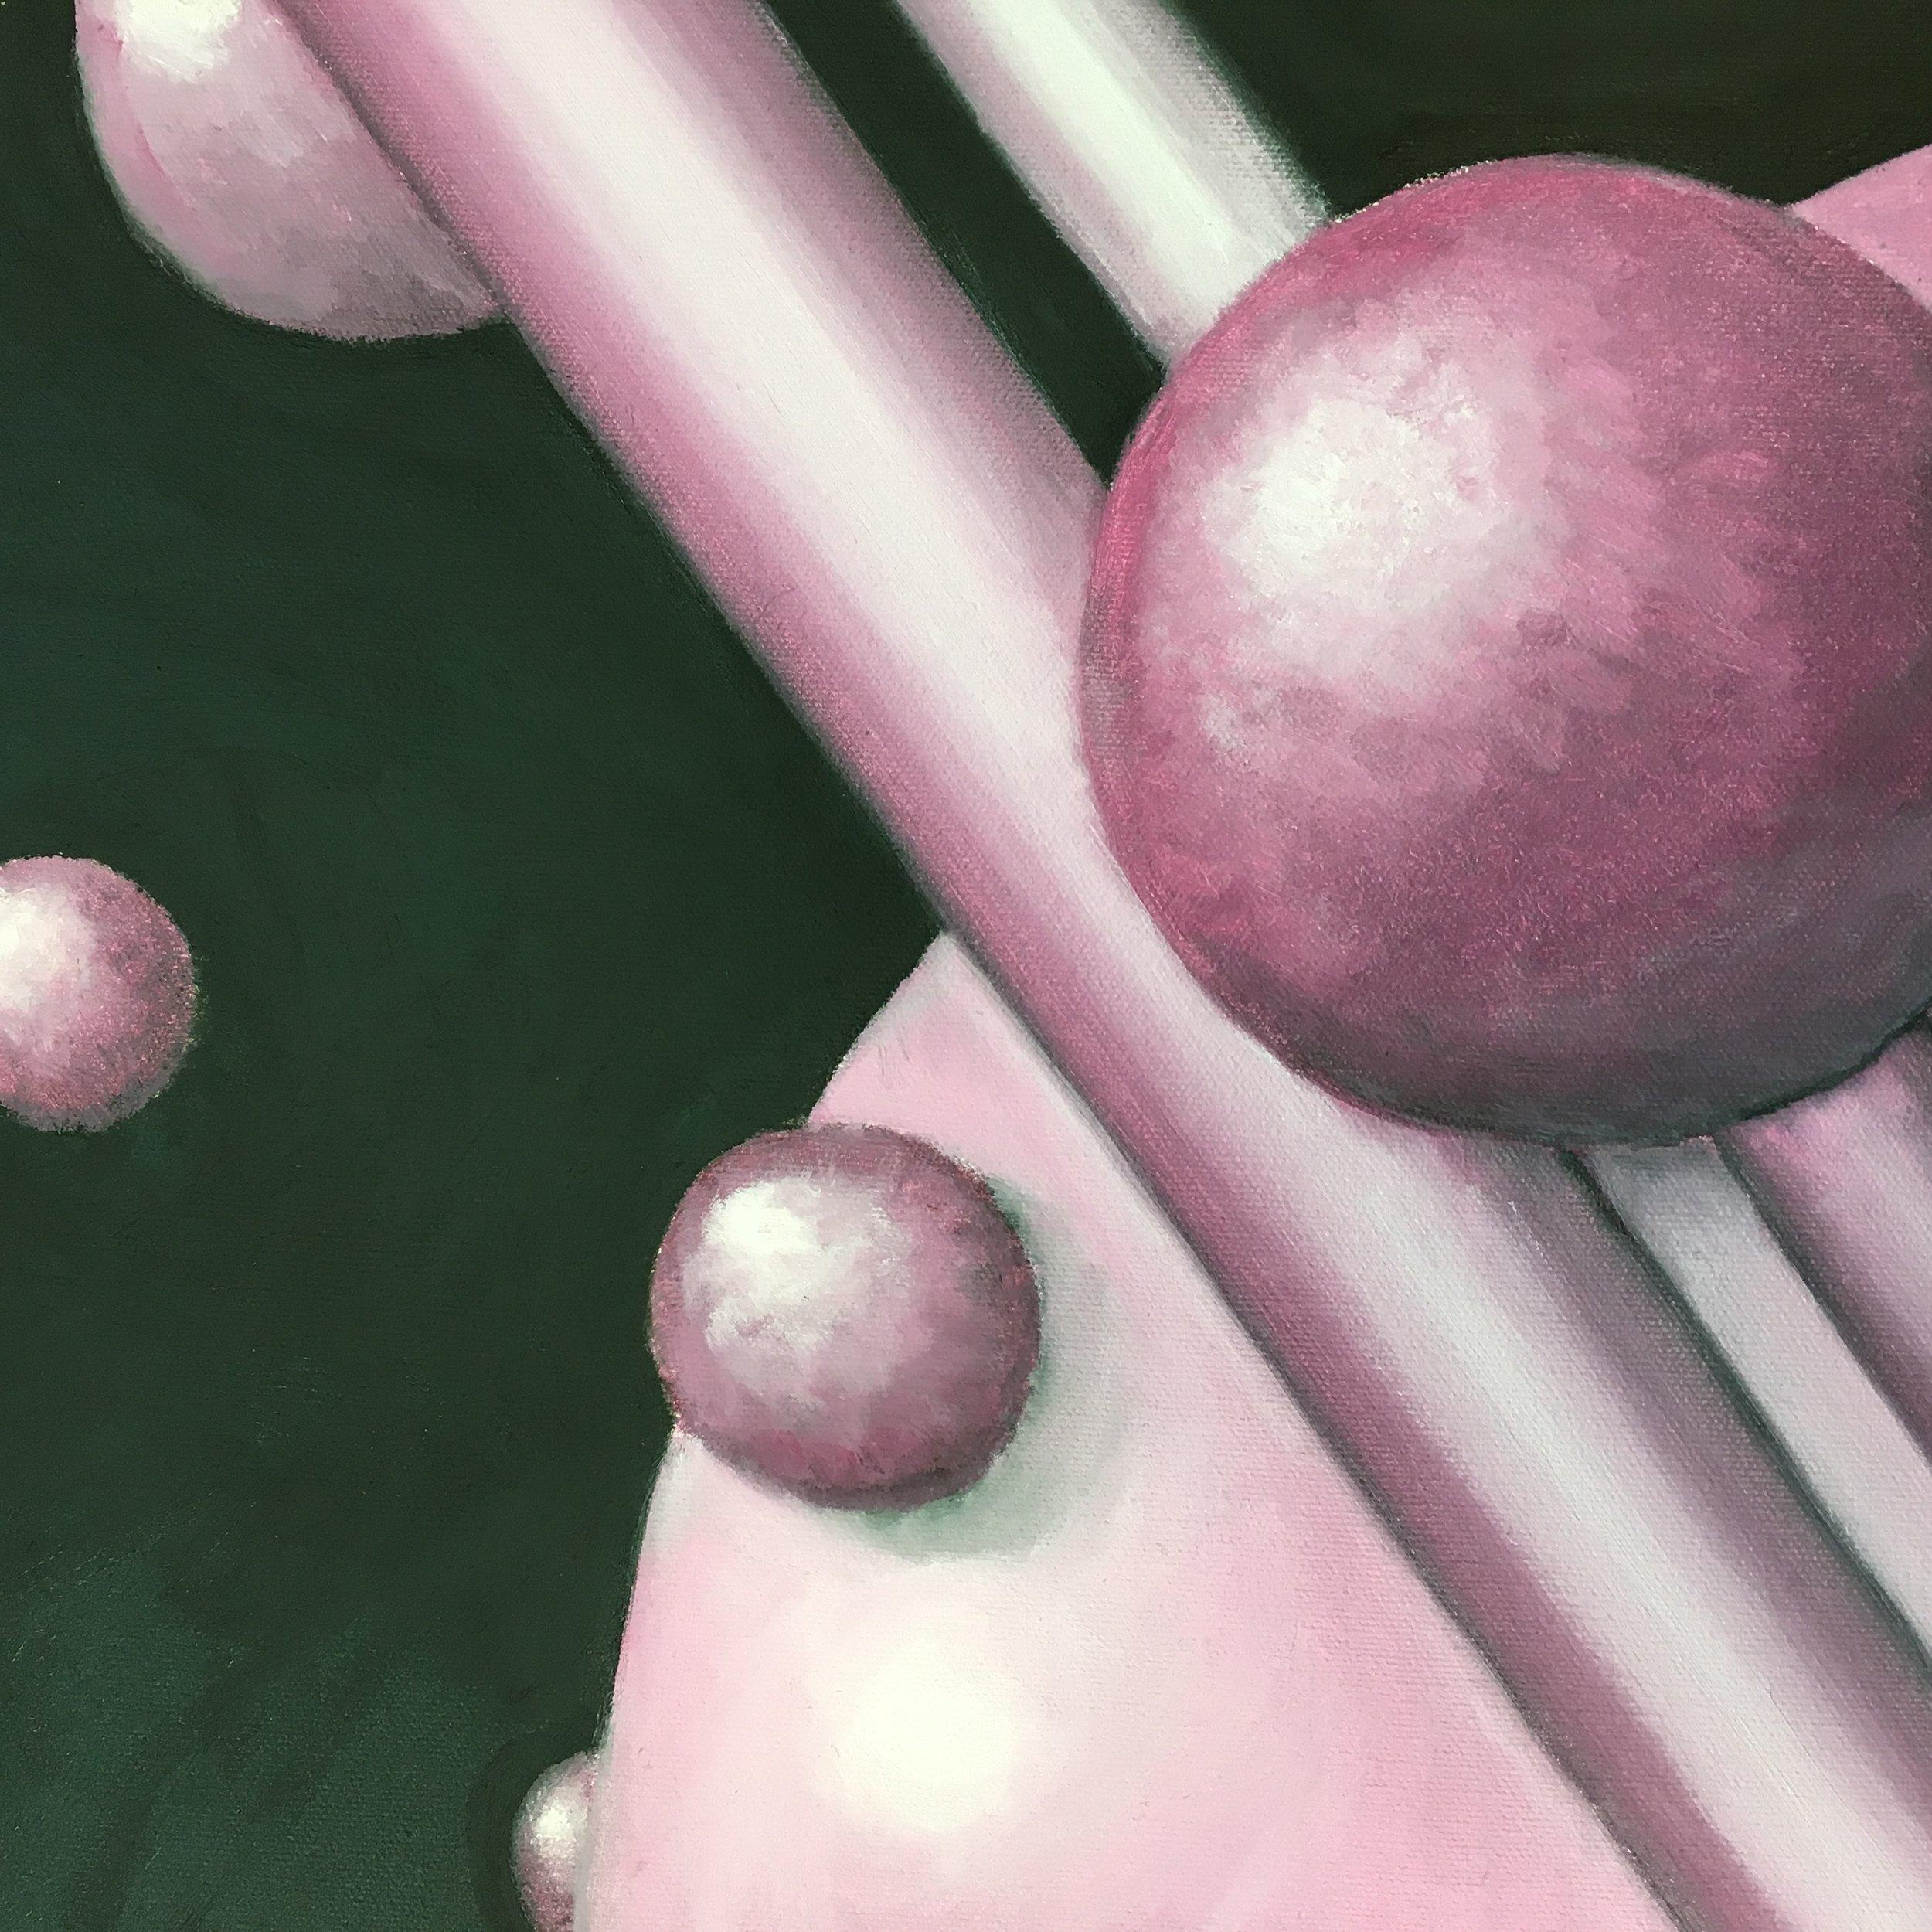 Monochromatic Spheres